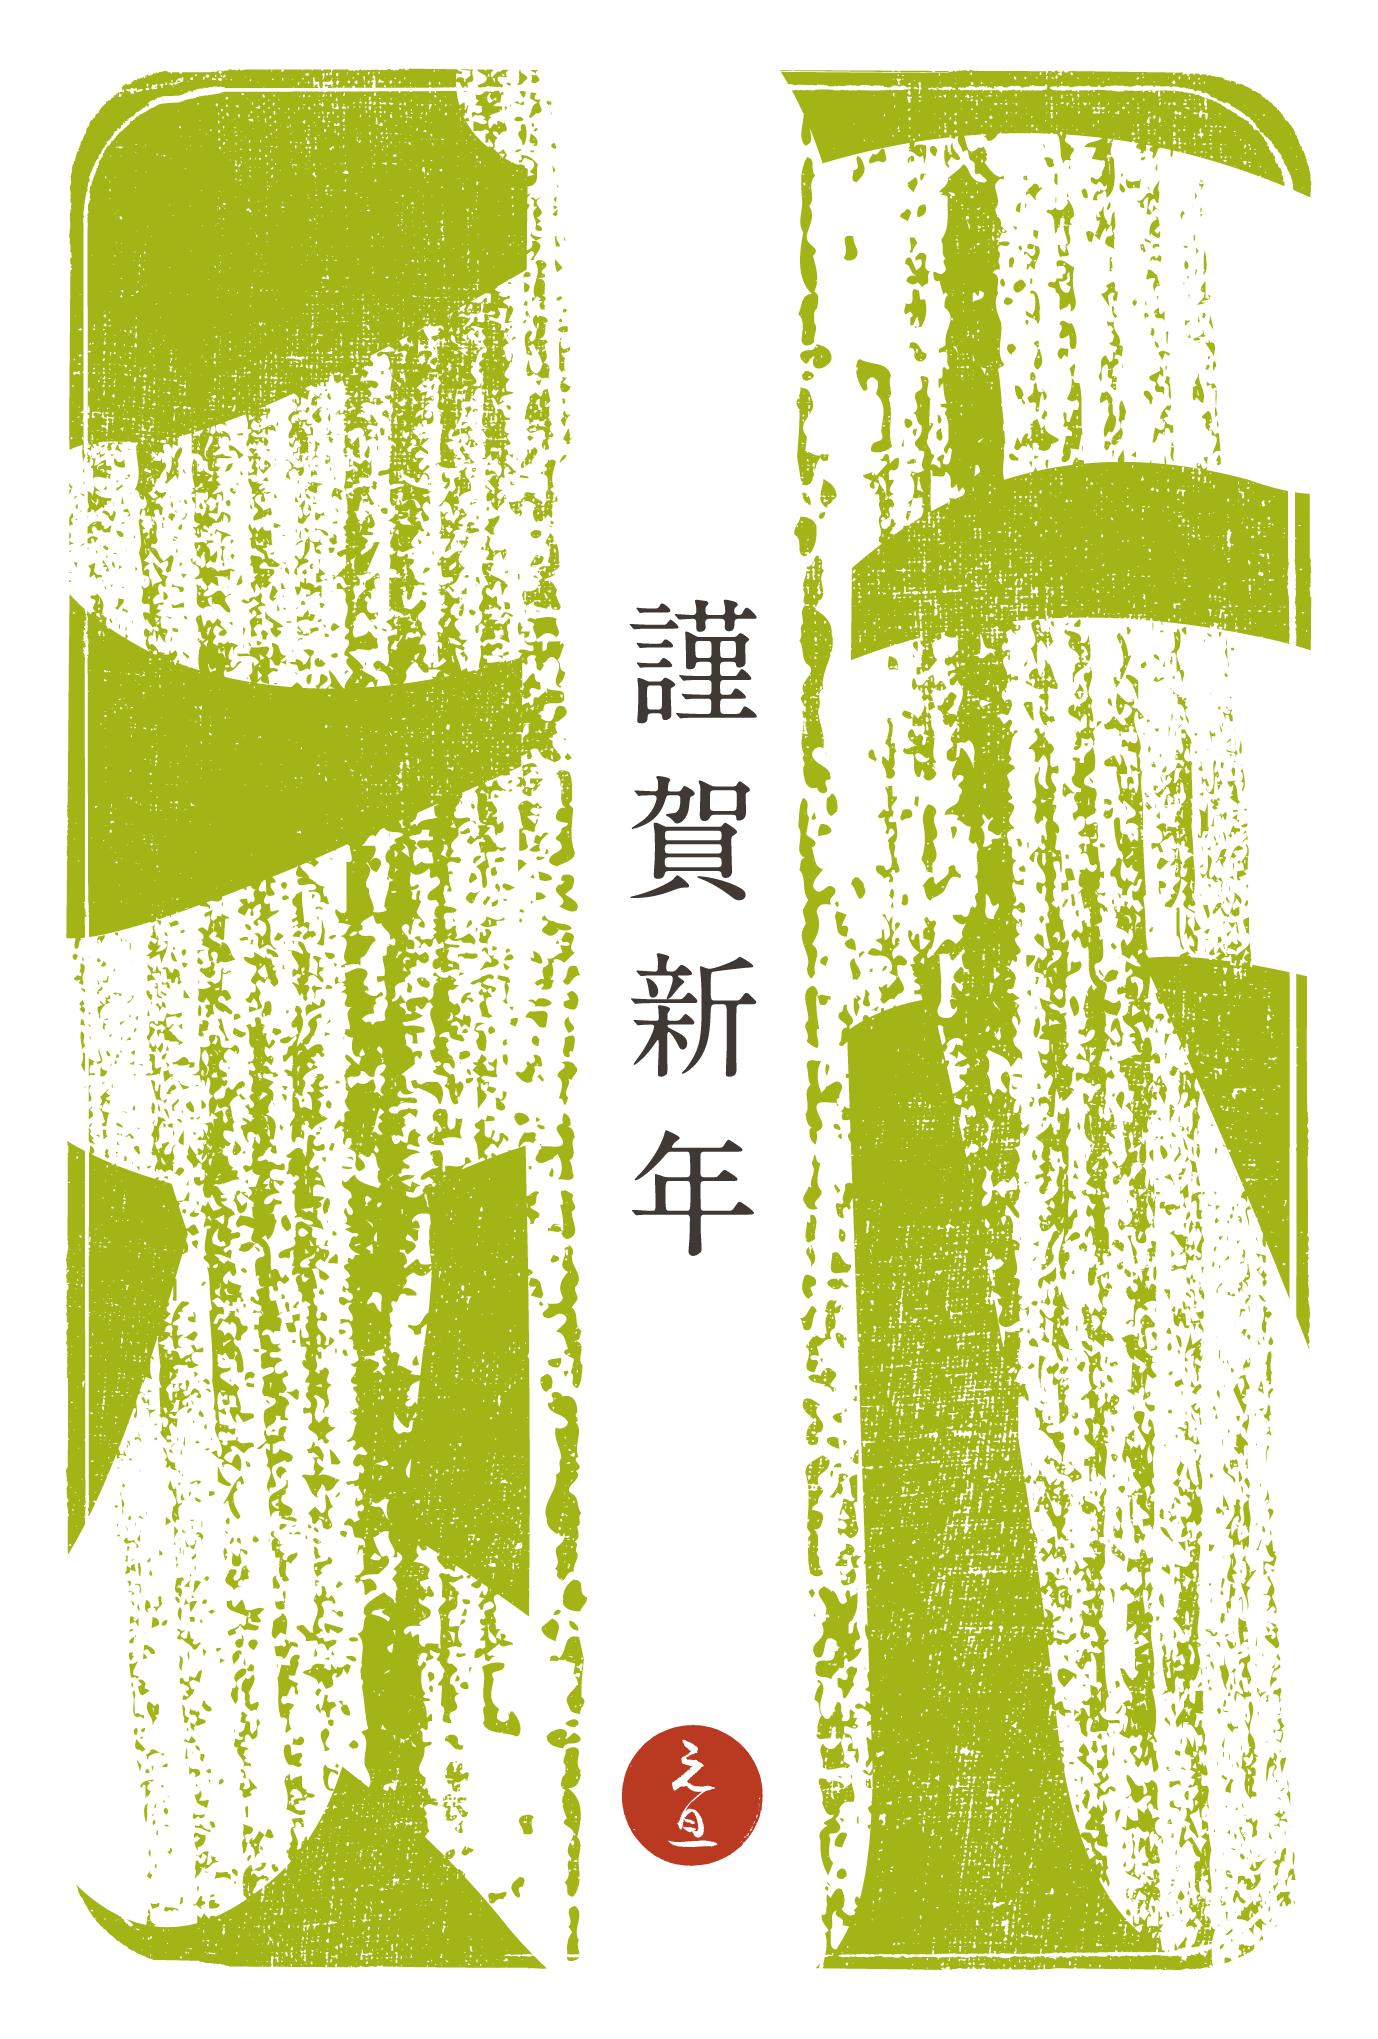 2015年賀状04-4:江戸勘亭流(羊)若草色のダウンロード画像